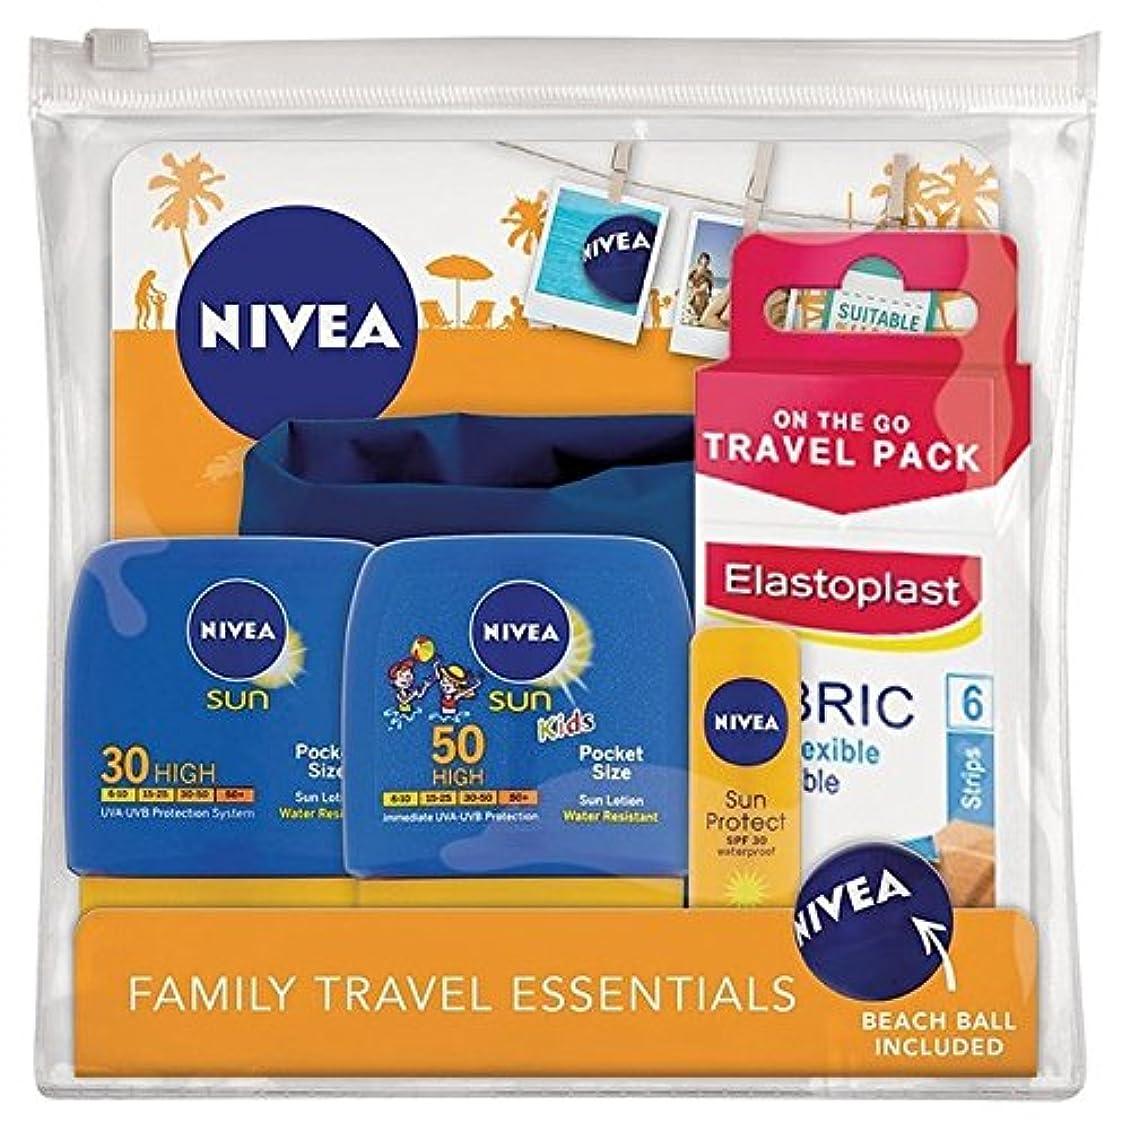 領事館守銭奴ペンニベア日旅行パック x4 - Nivea Sun Travel Pack (Pack of 4) [並行輸入品]